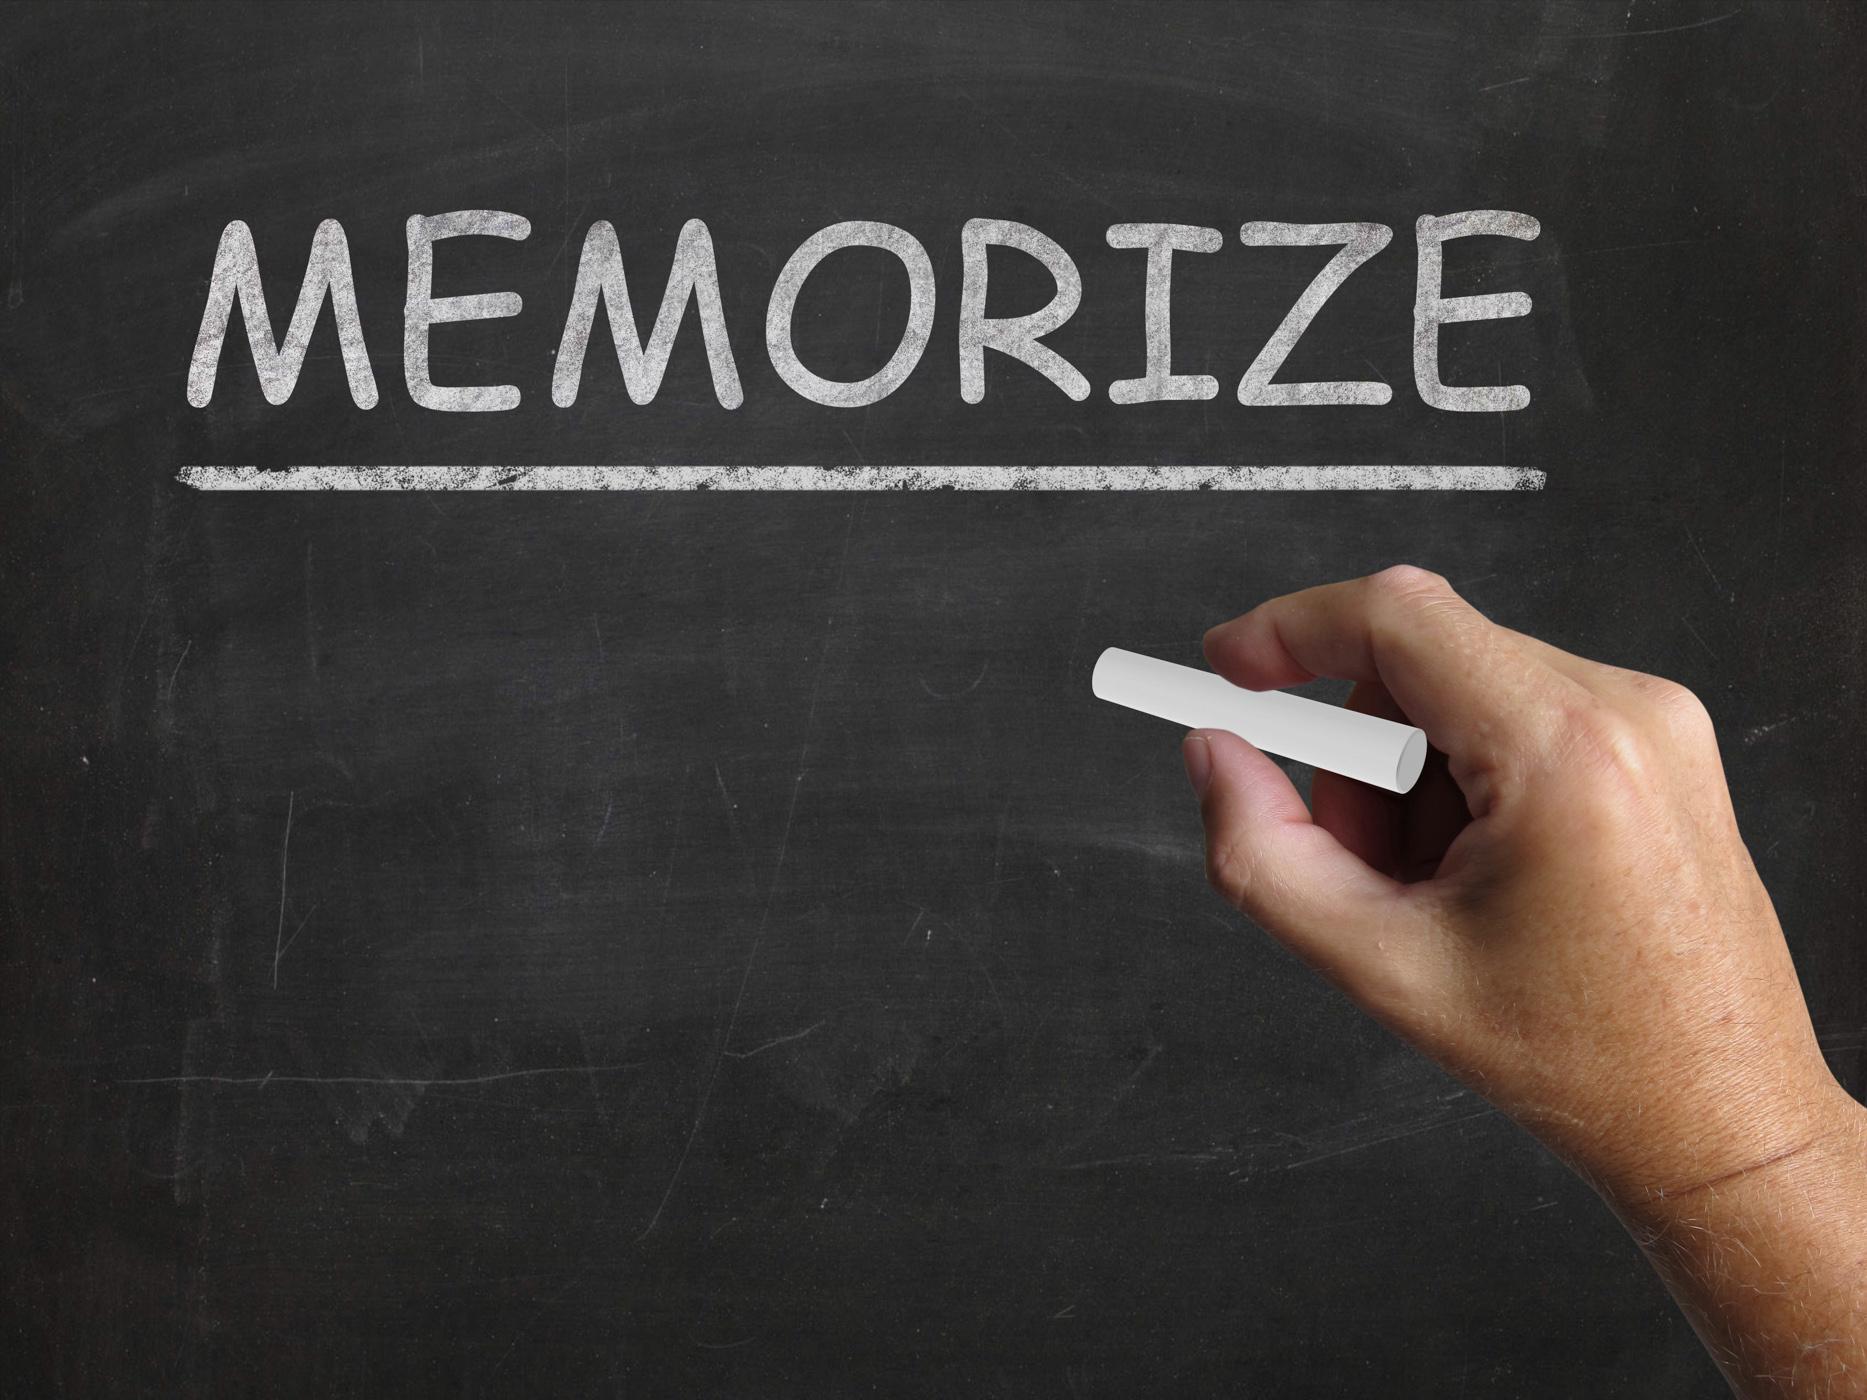 Memorize blackboard shows learn information by heart photo